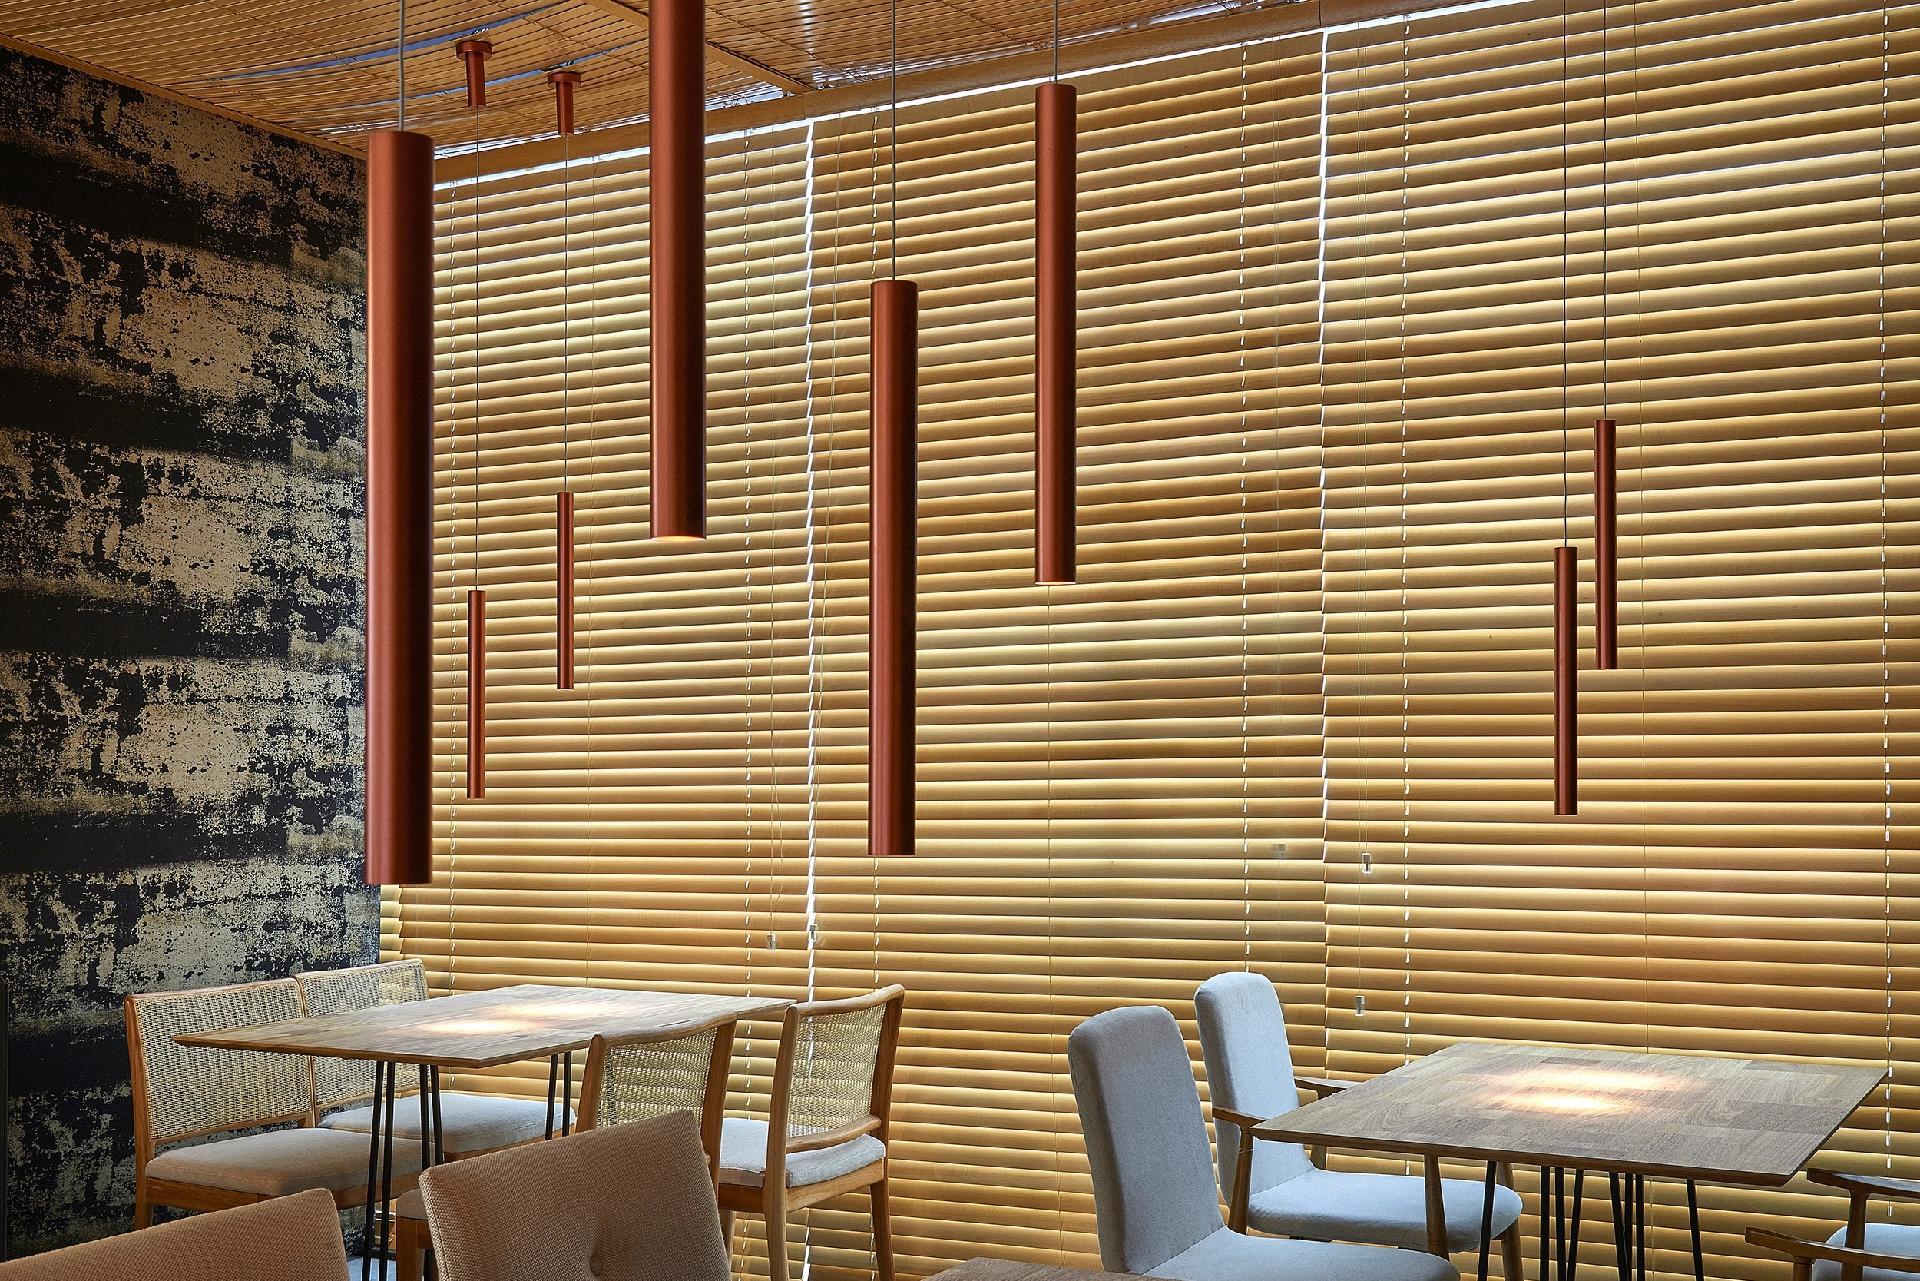 Casa Cor MG 2016 - O Restaurante, projetado por Du Leal e Eduardo Beggiato, combina saídas espertas para iluminar sem abrir mão do aconchego, que pode ser adaptada a uma sala de estar ou jantar. A estrutura do espaço é metálica e foi forrada internamente com persianas de madeira. Sobre as mesas, os pendentes modernos e minimalistas, estão pendurados em duas alturas e criam um belo movimento